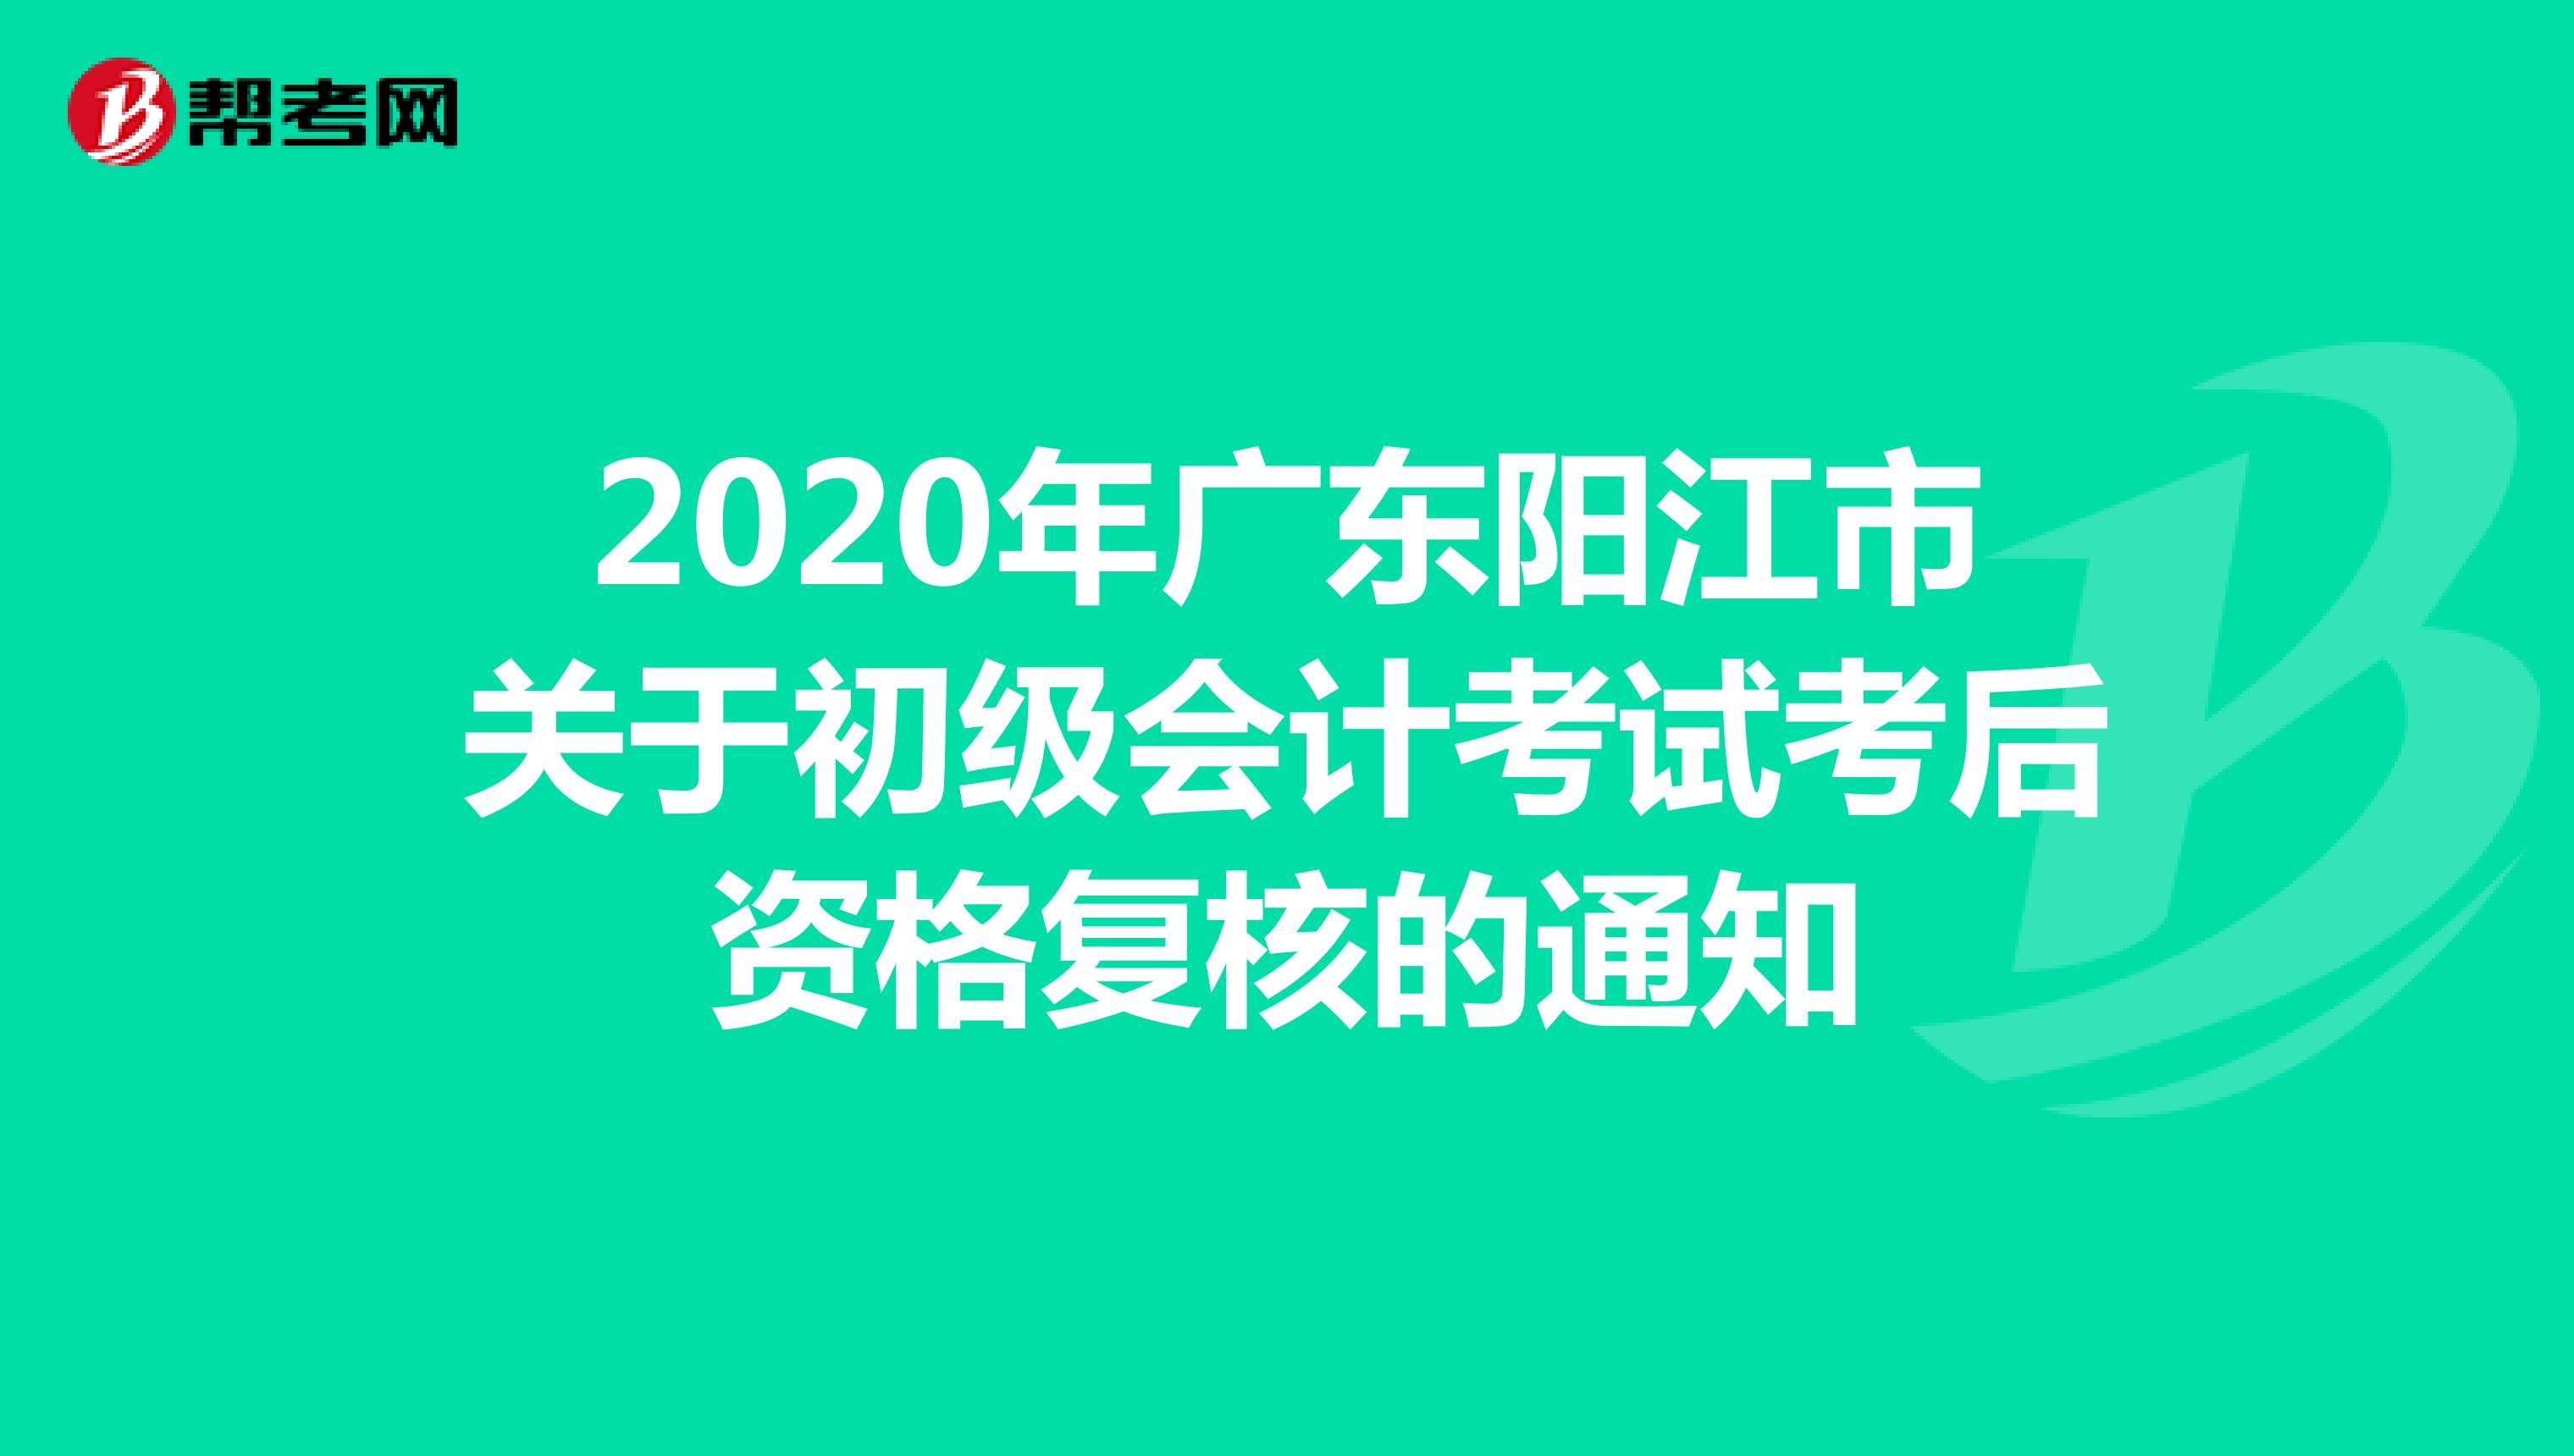 2020年广东阳江市app官网雷火考后app复核时间为10月26日至10月30日